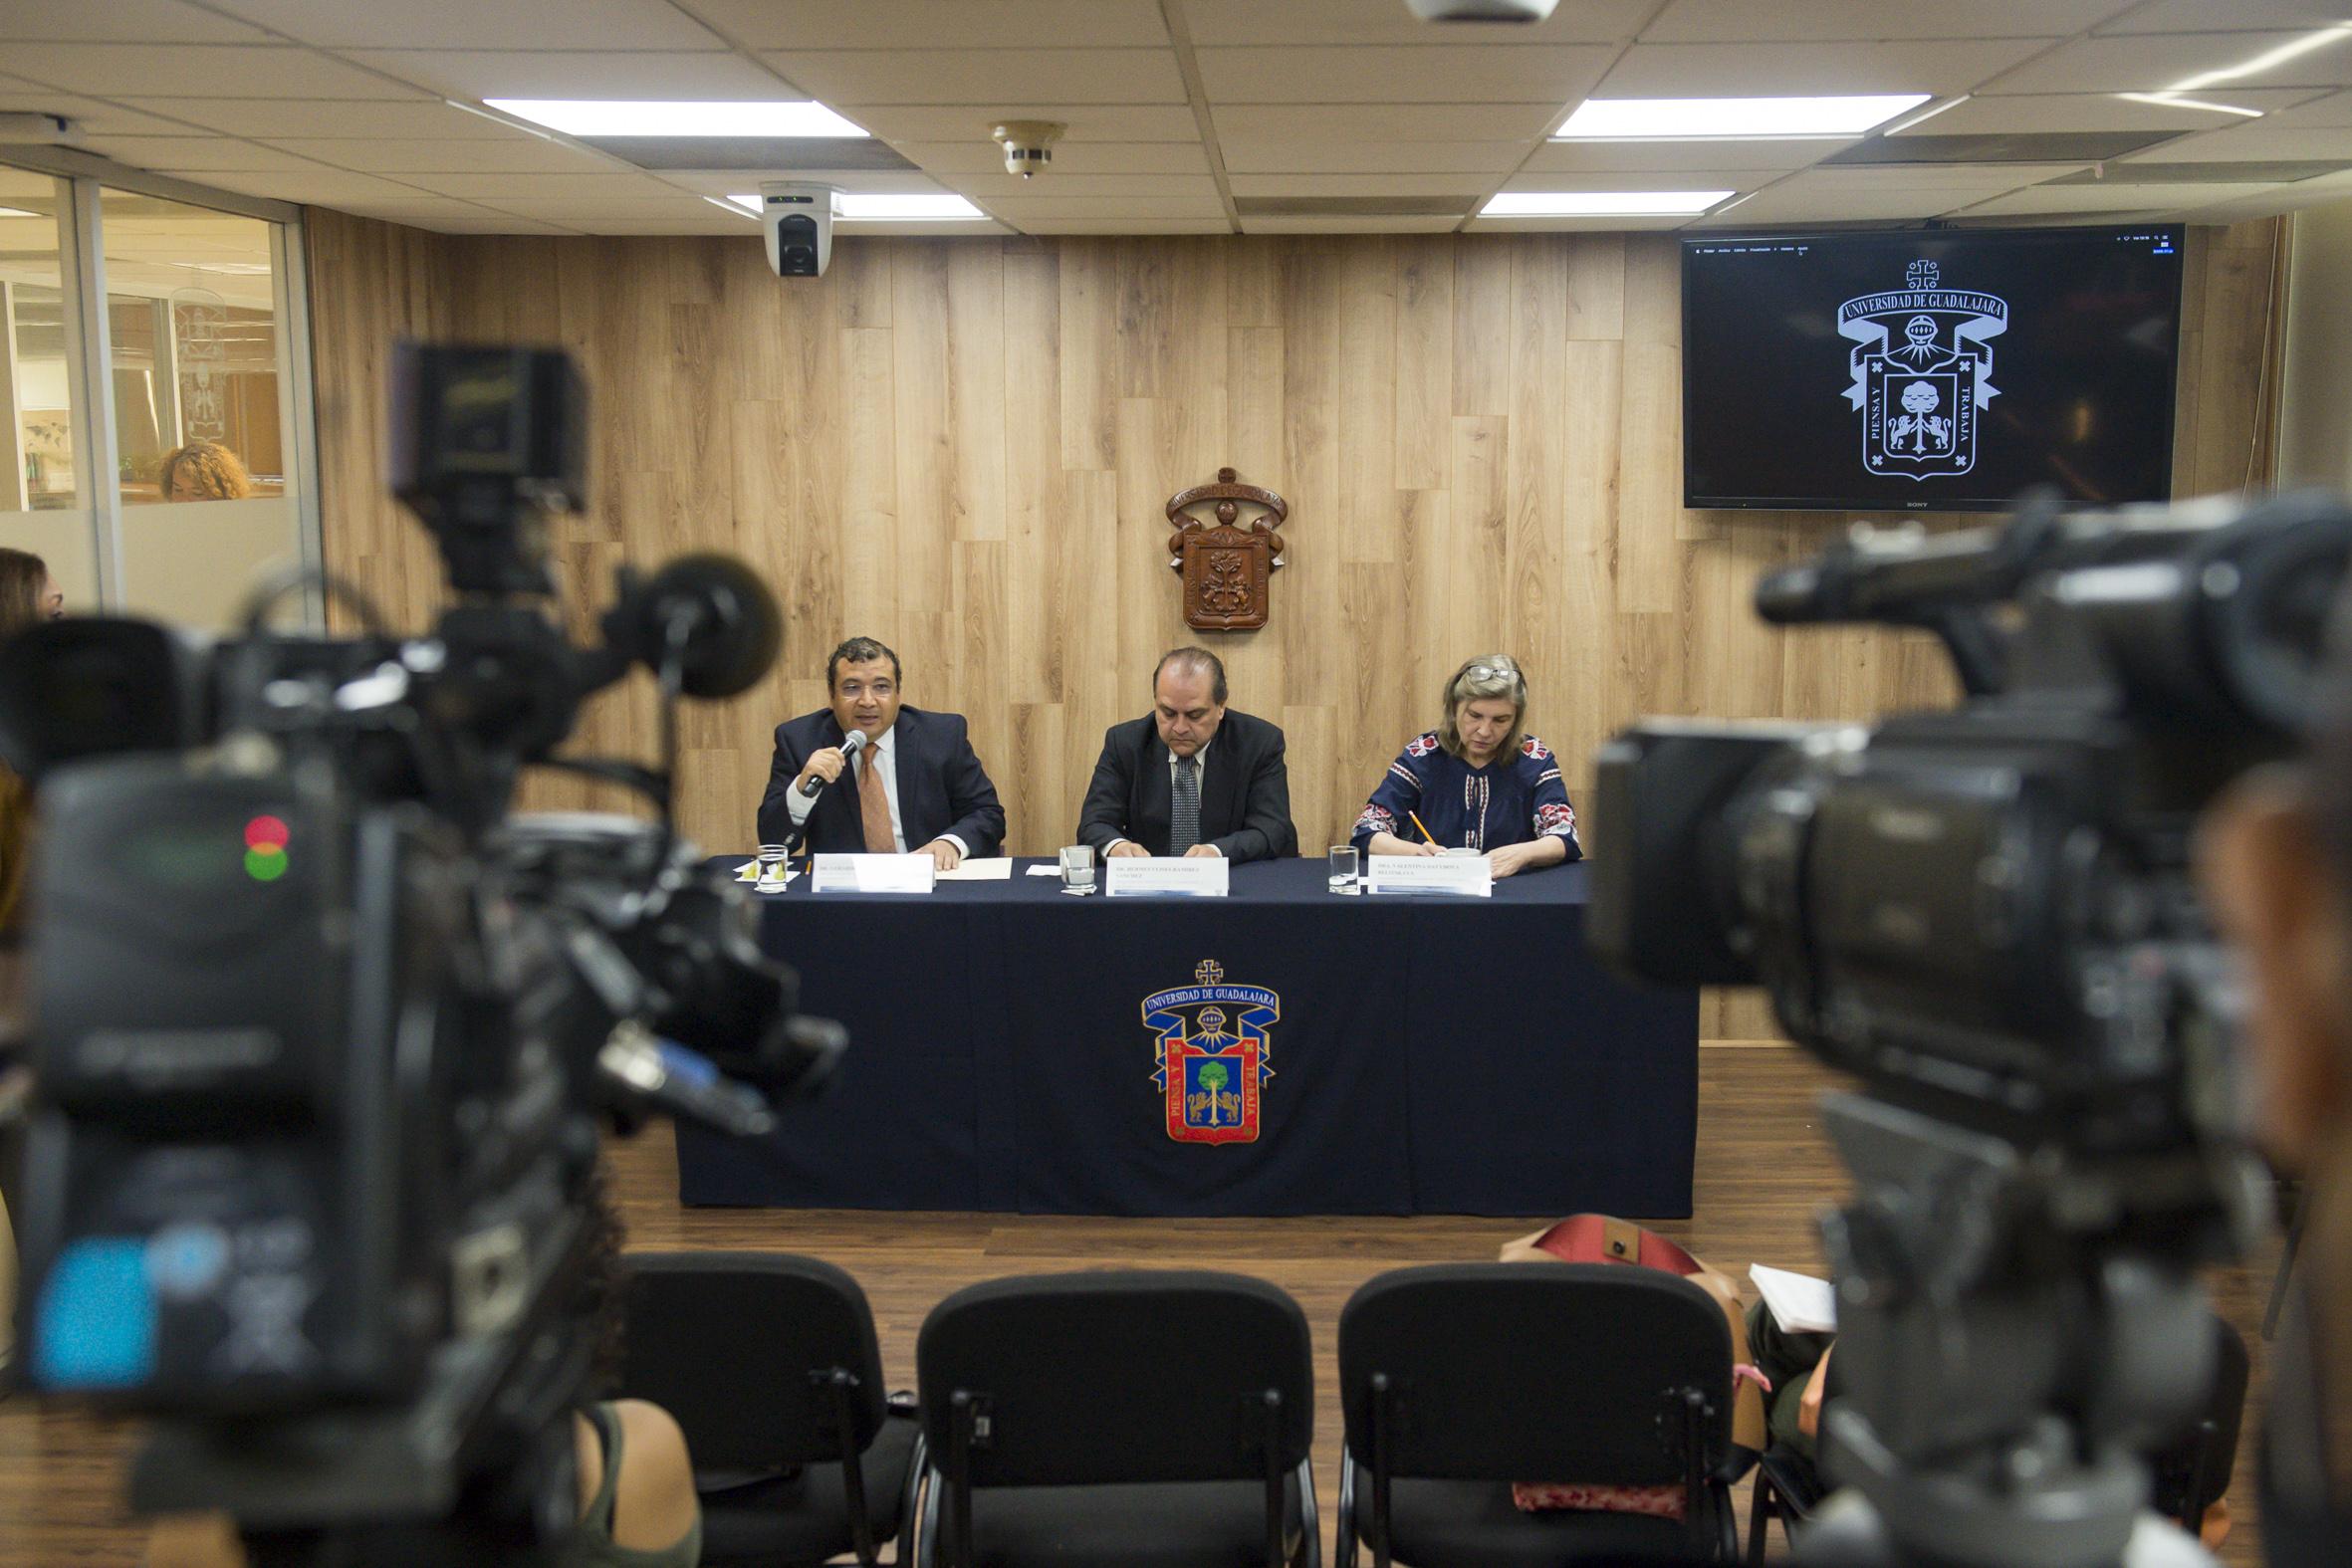 Tres investigadores de la Universidad de Guadalajara fueron entrevistados en la sala de prensa de la UDG